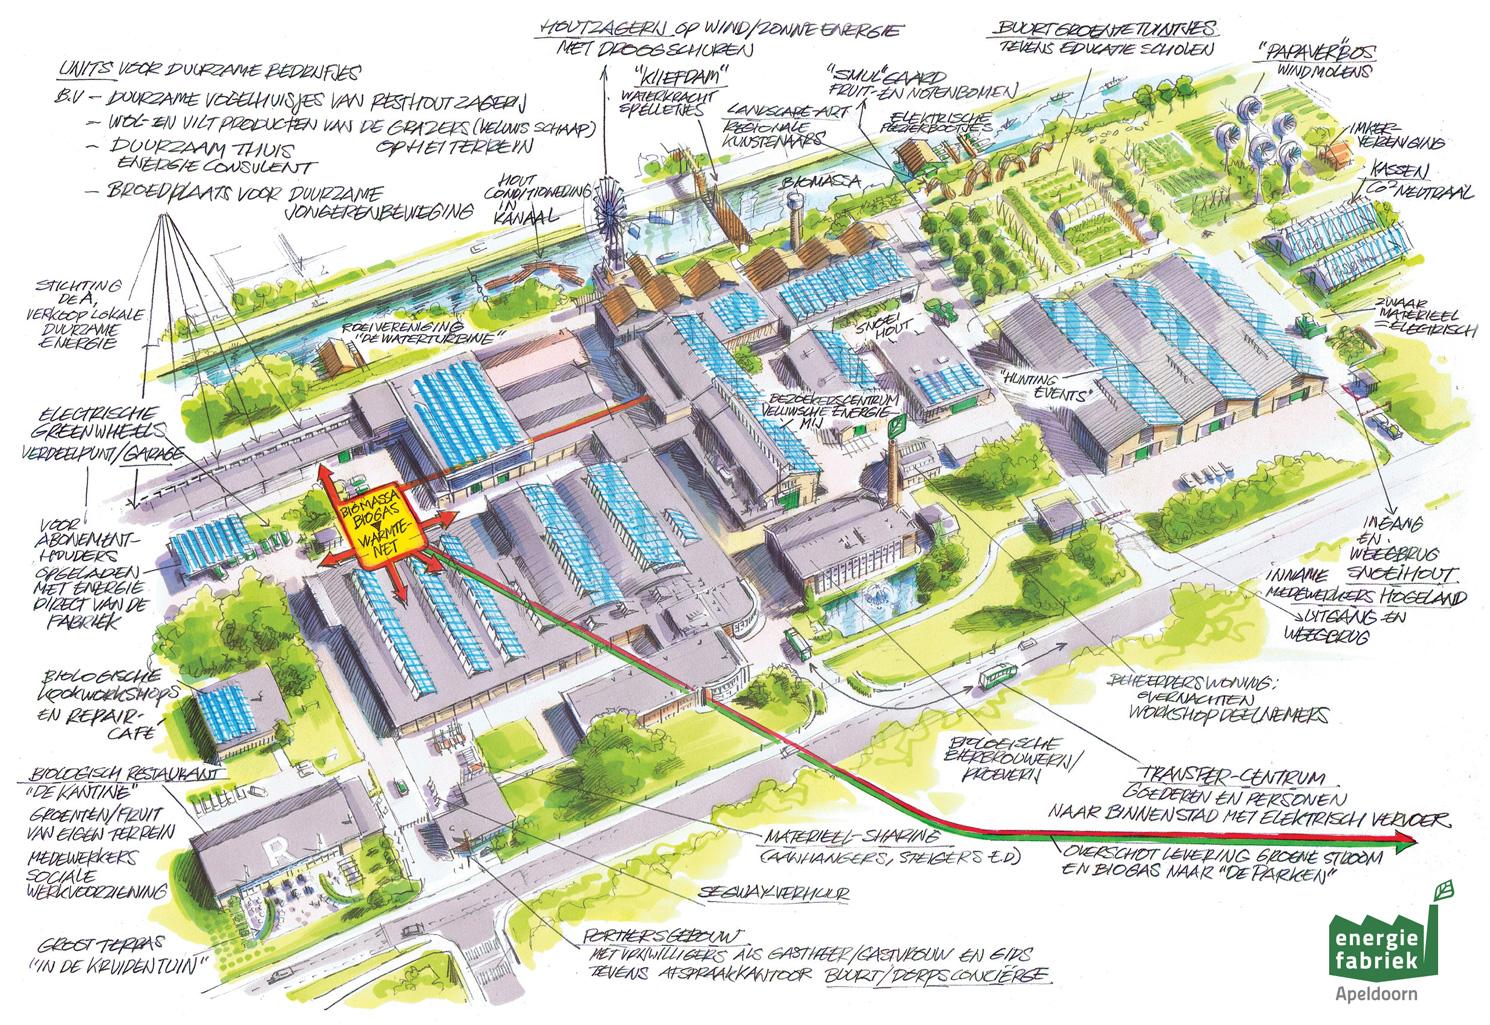 energiefabriekapeldoorn.jpg